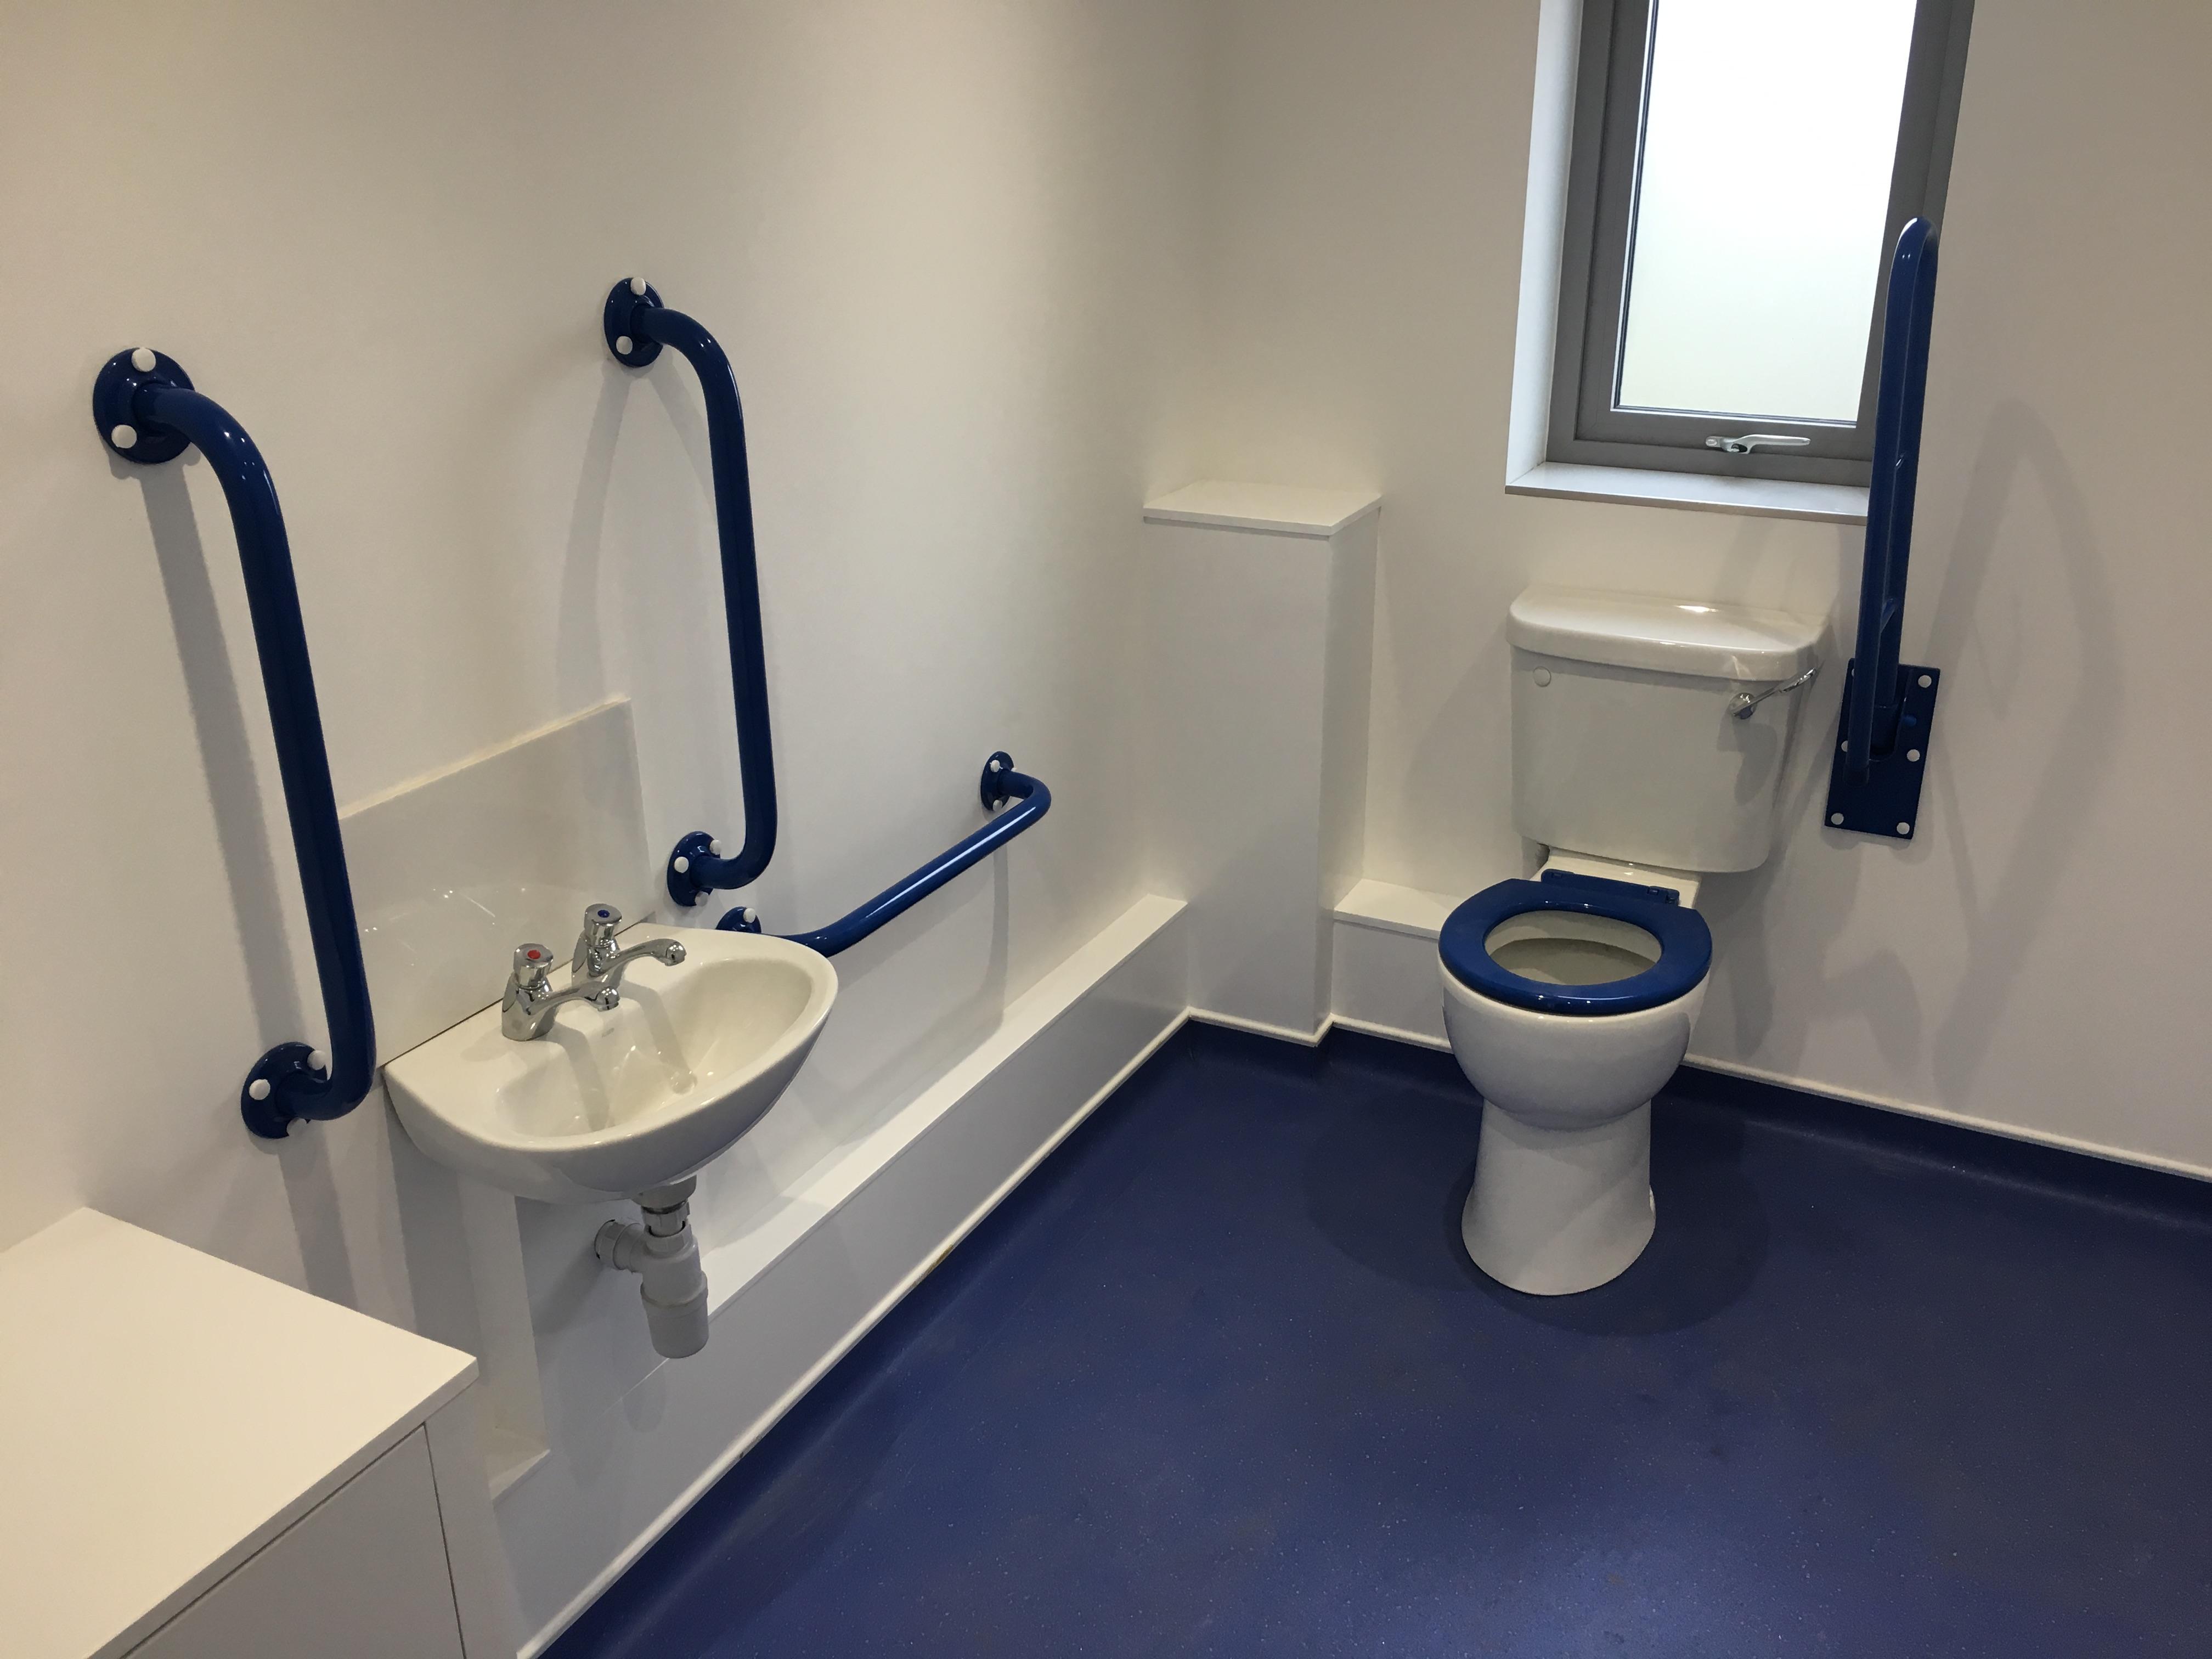 Disabled wash room installer Exeter - DSB Ltd